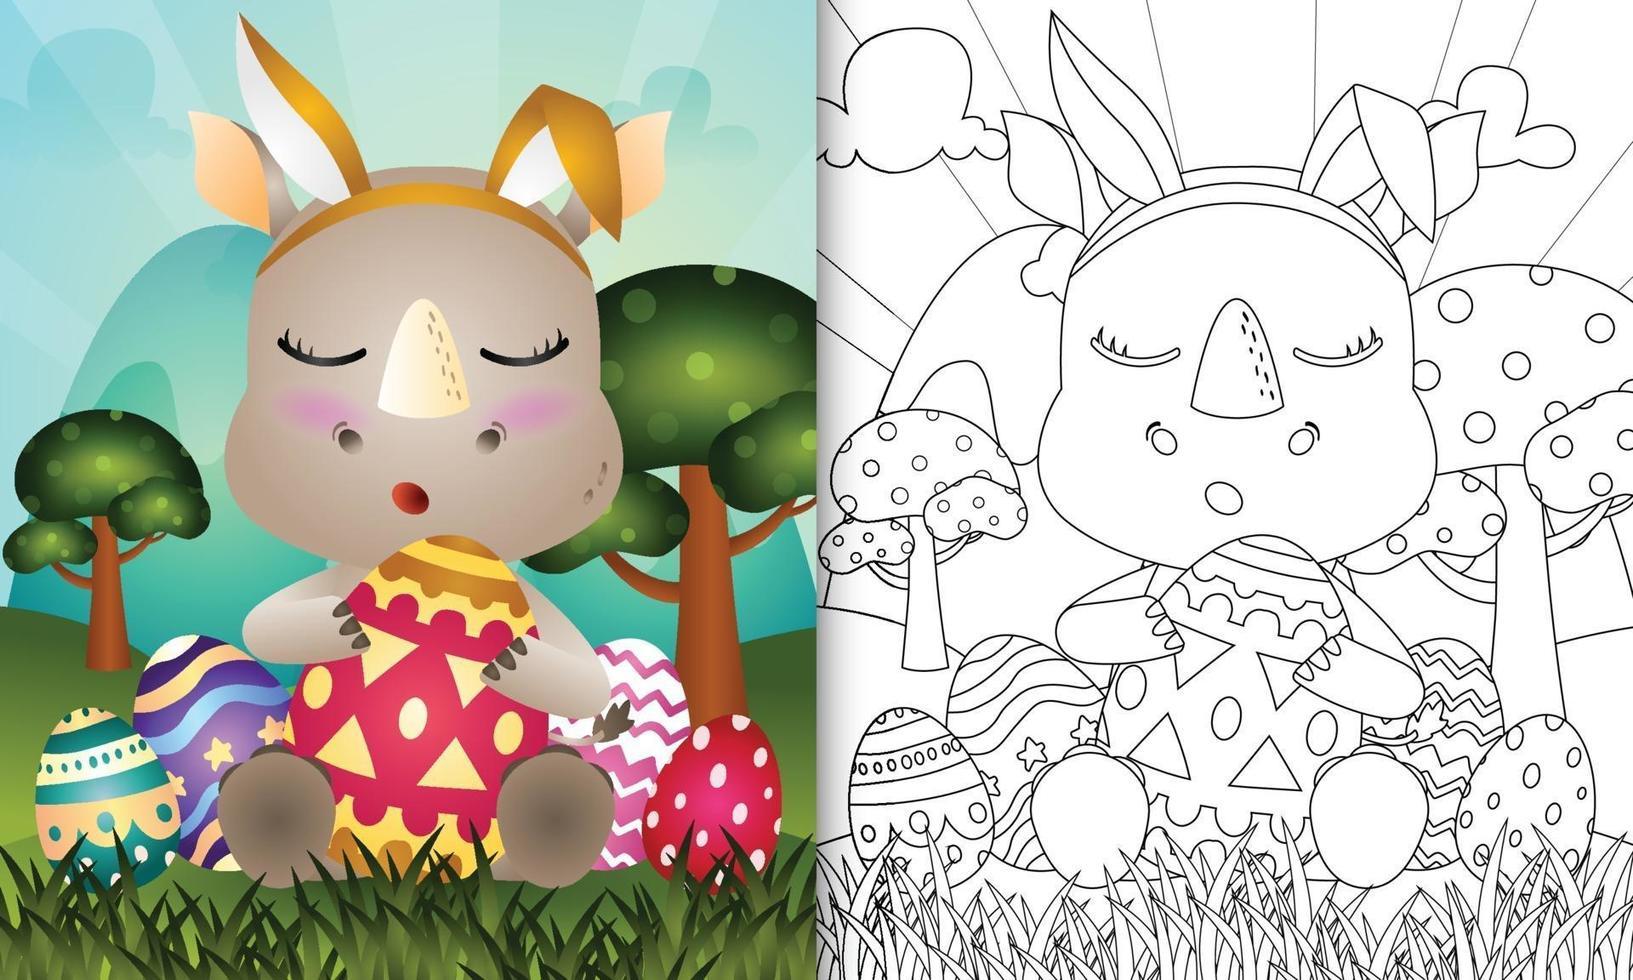 livro de colorir para crianças com o tema Páscoa com um rinoceronte fofo usando tiaras de orelhas de coelho abraçando ovos vetor